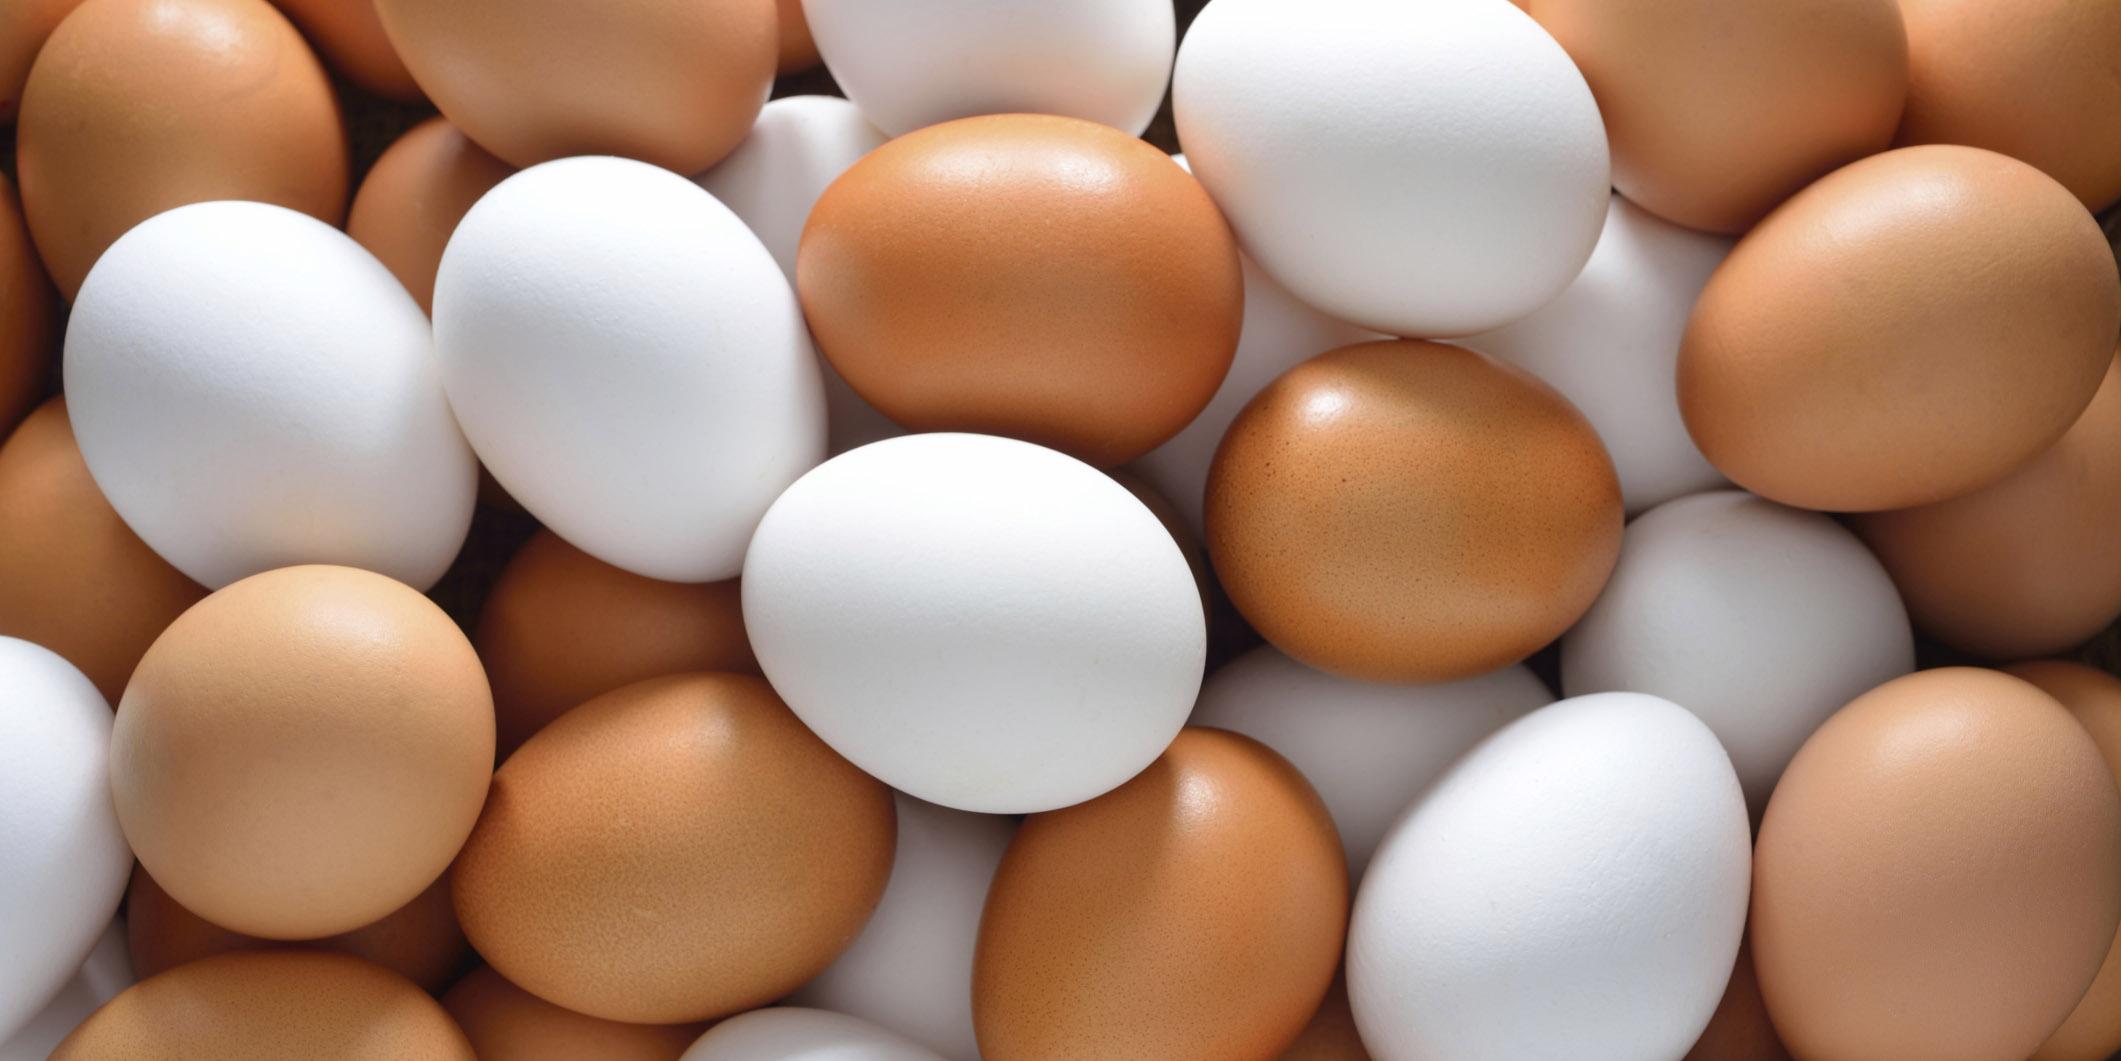 تولید تخم مرغ برای ۲۰۰ میلیون نفر